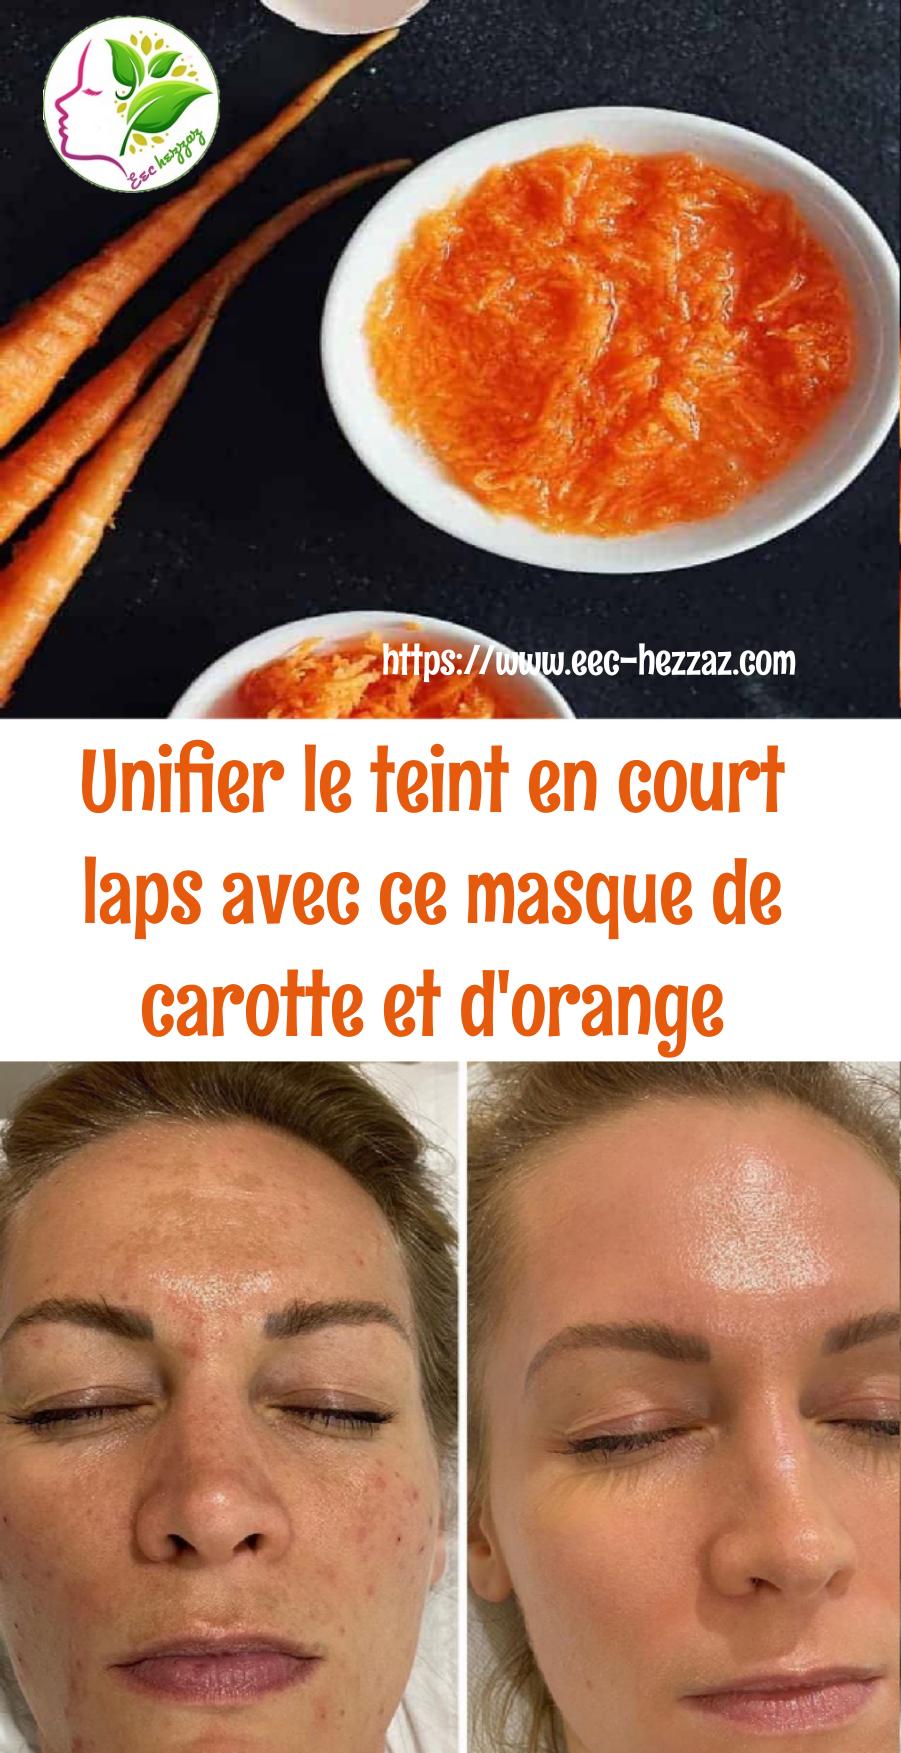 Unifier le teint en court laps avec ce masque de carotte et d'orange